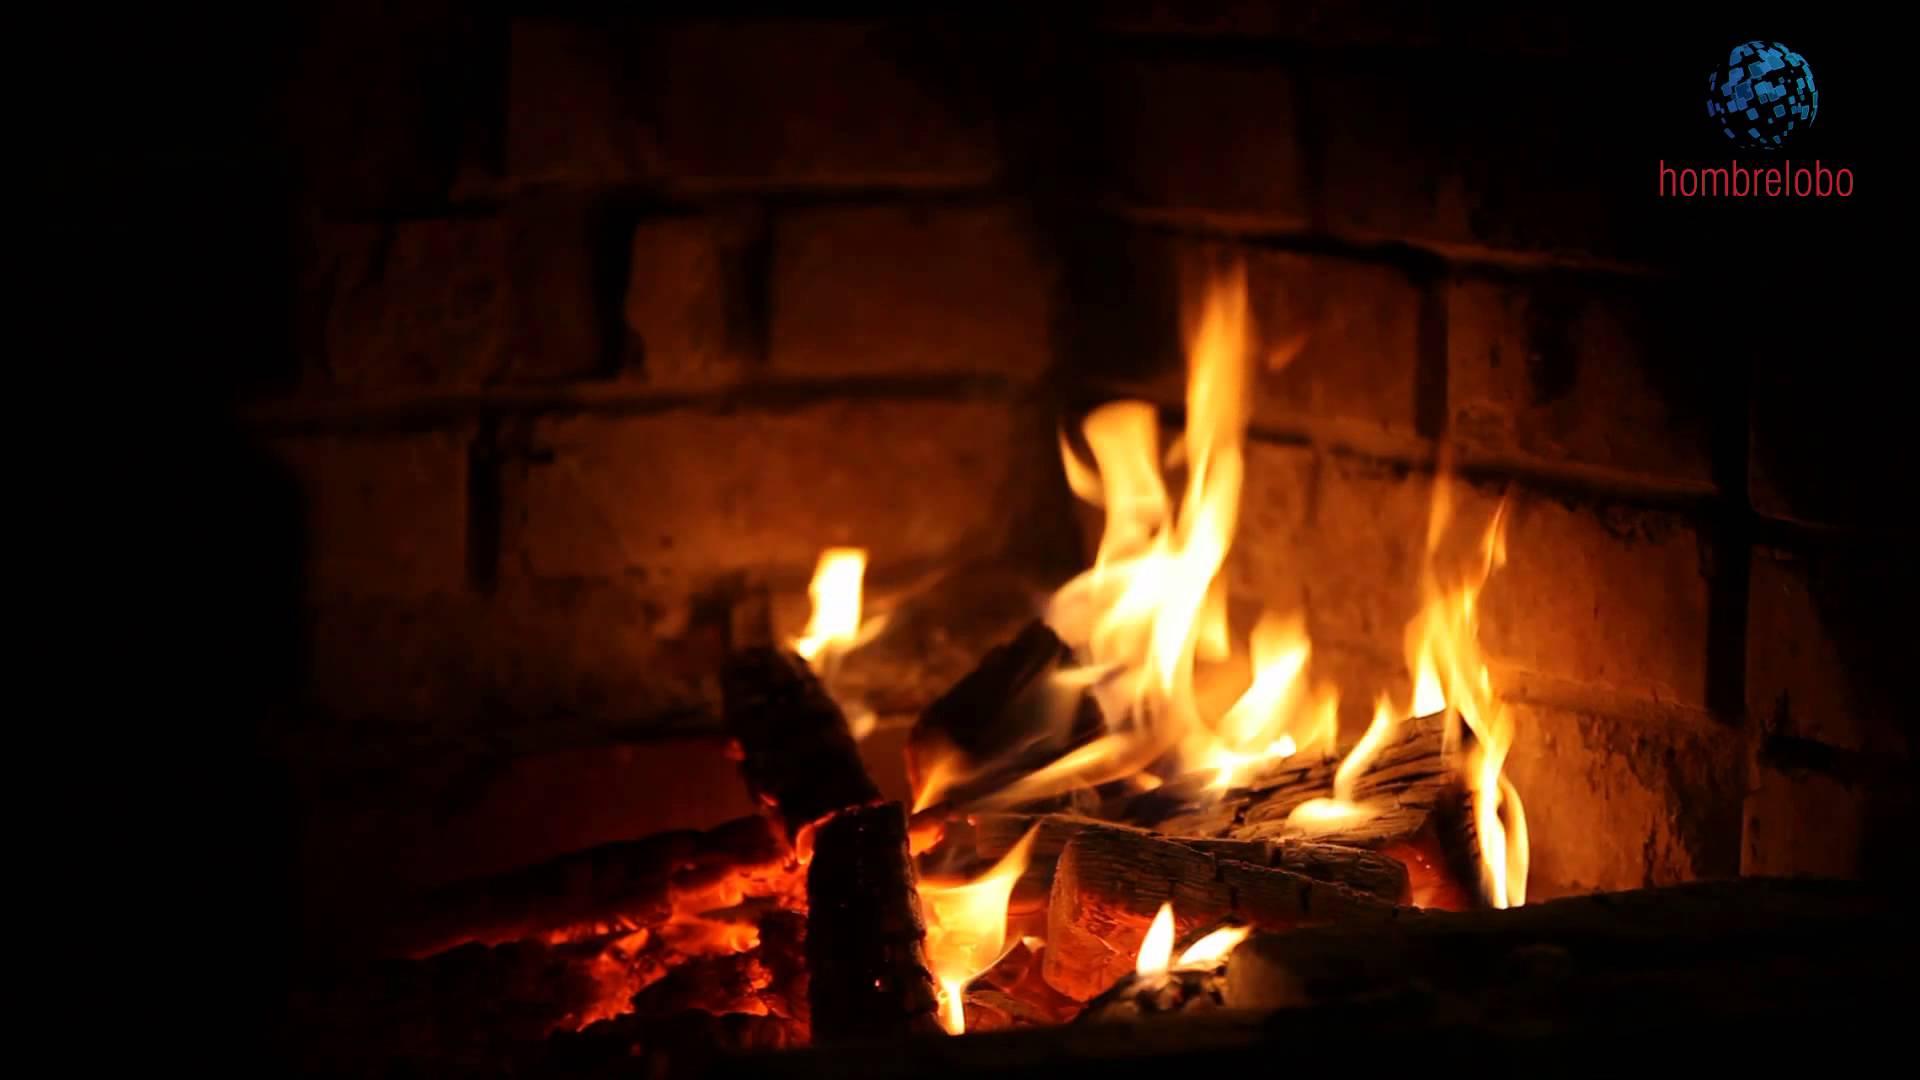 Animated Fireplace Wallpaper Fuego En La Chimenea Y Unos Villancicos